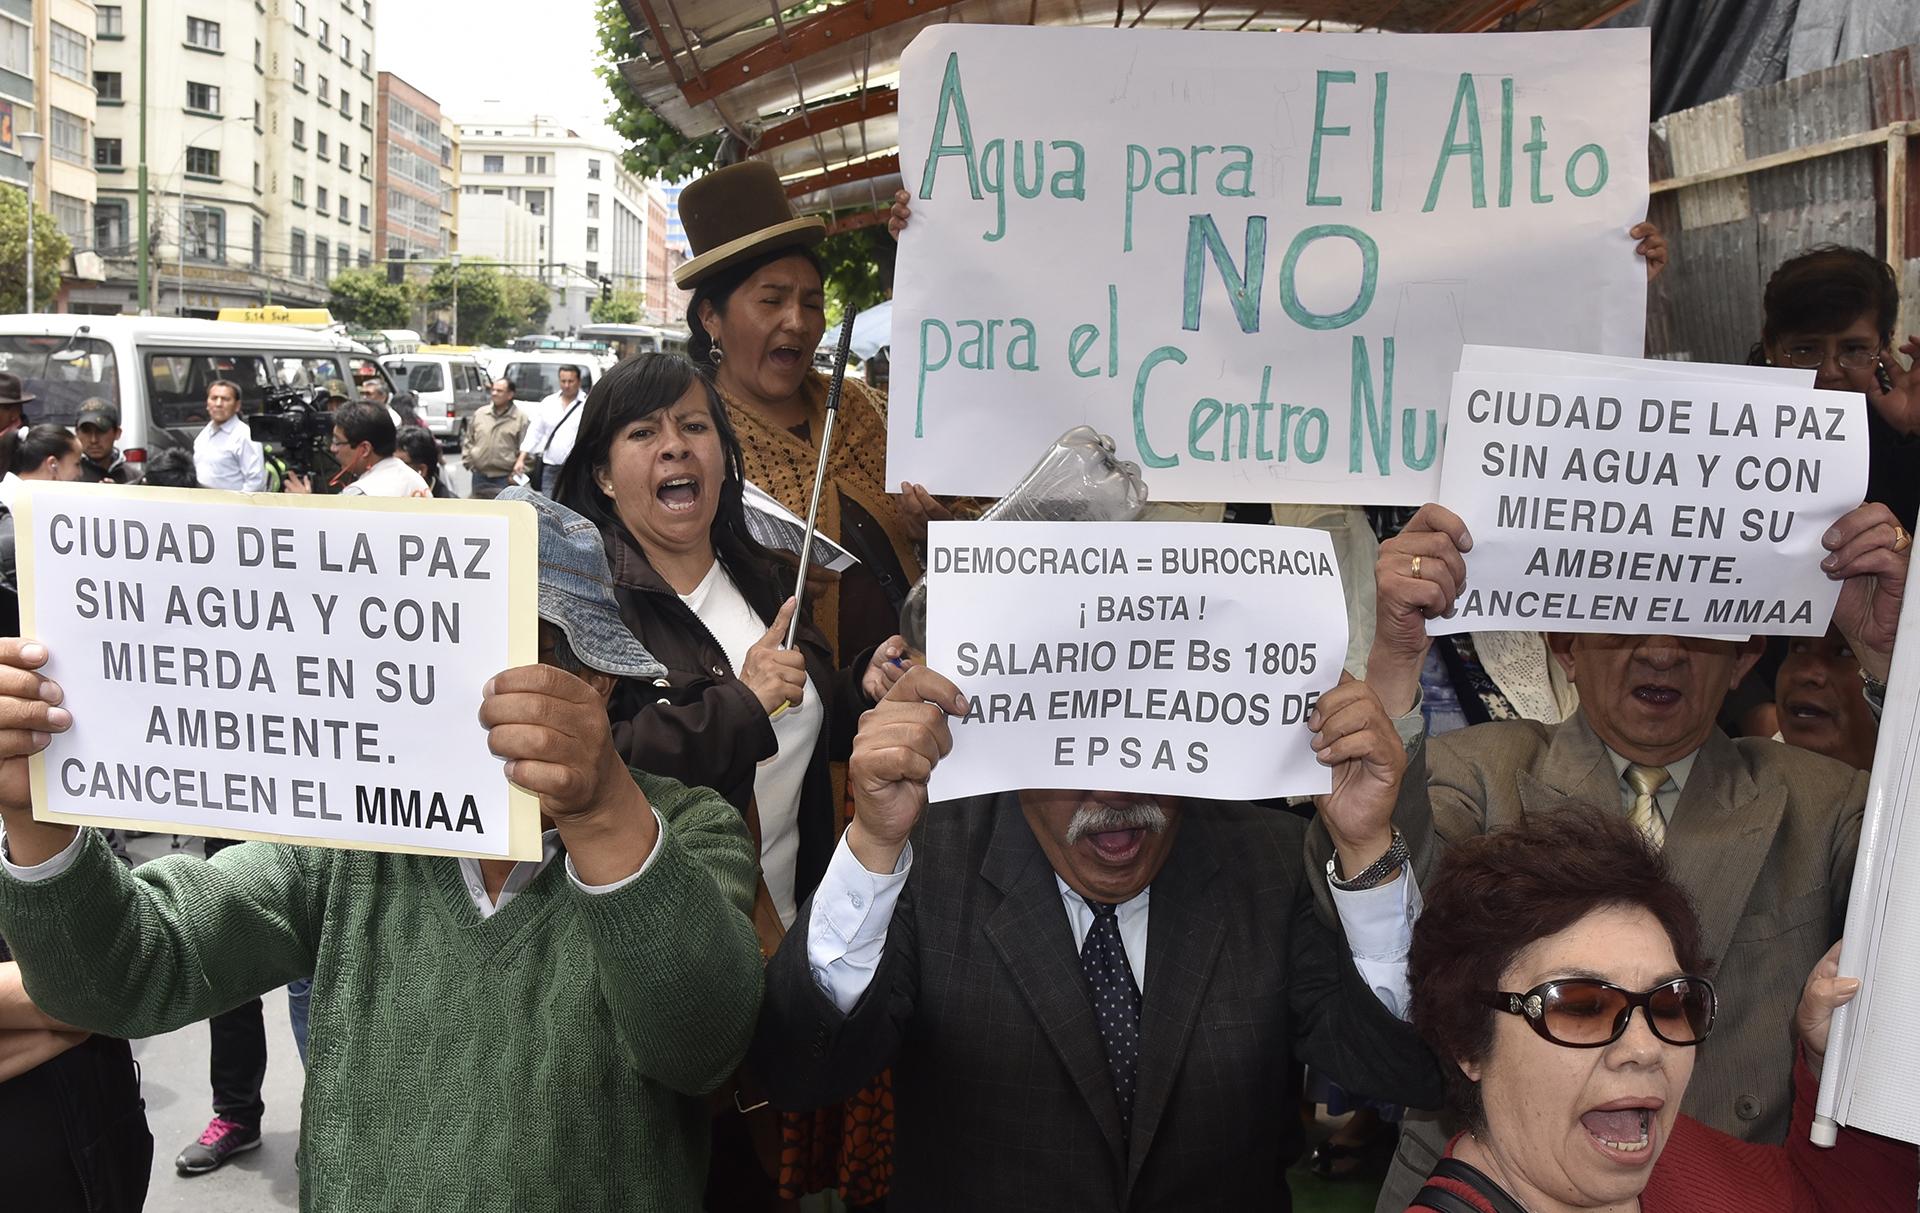 El domingo hubo una multitudinaria marcha en la zona sur de La Paz, cuyos vecinos se movilizaron hasta la embajada de China para protestar por los racionamientos por el rumor difundido en redes sociales de que una empresa de esa nacionalidad estaba captando el agua antes de que llegue a la represa de Hampaturi (AFP)